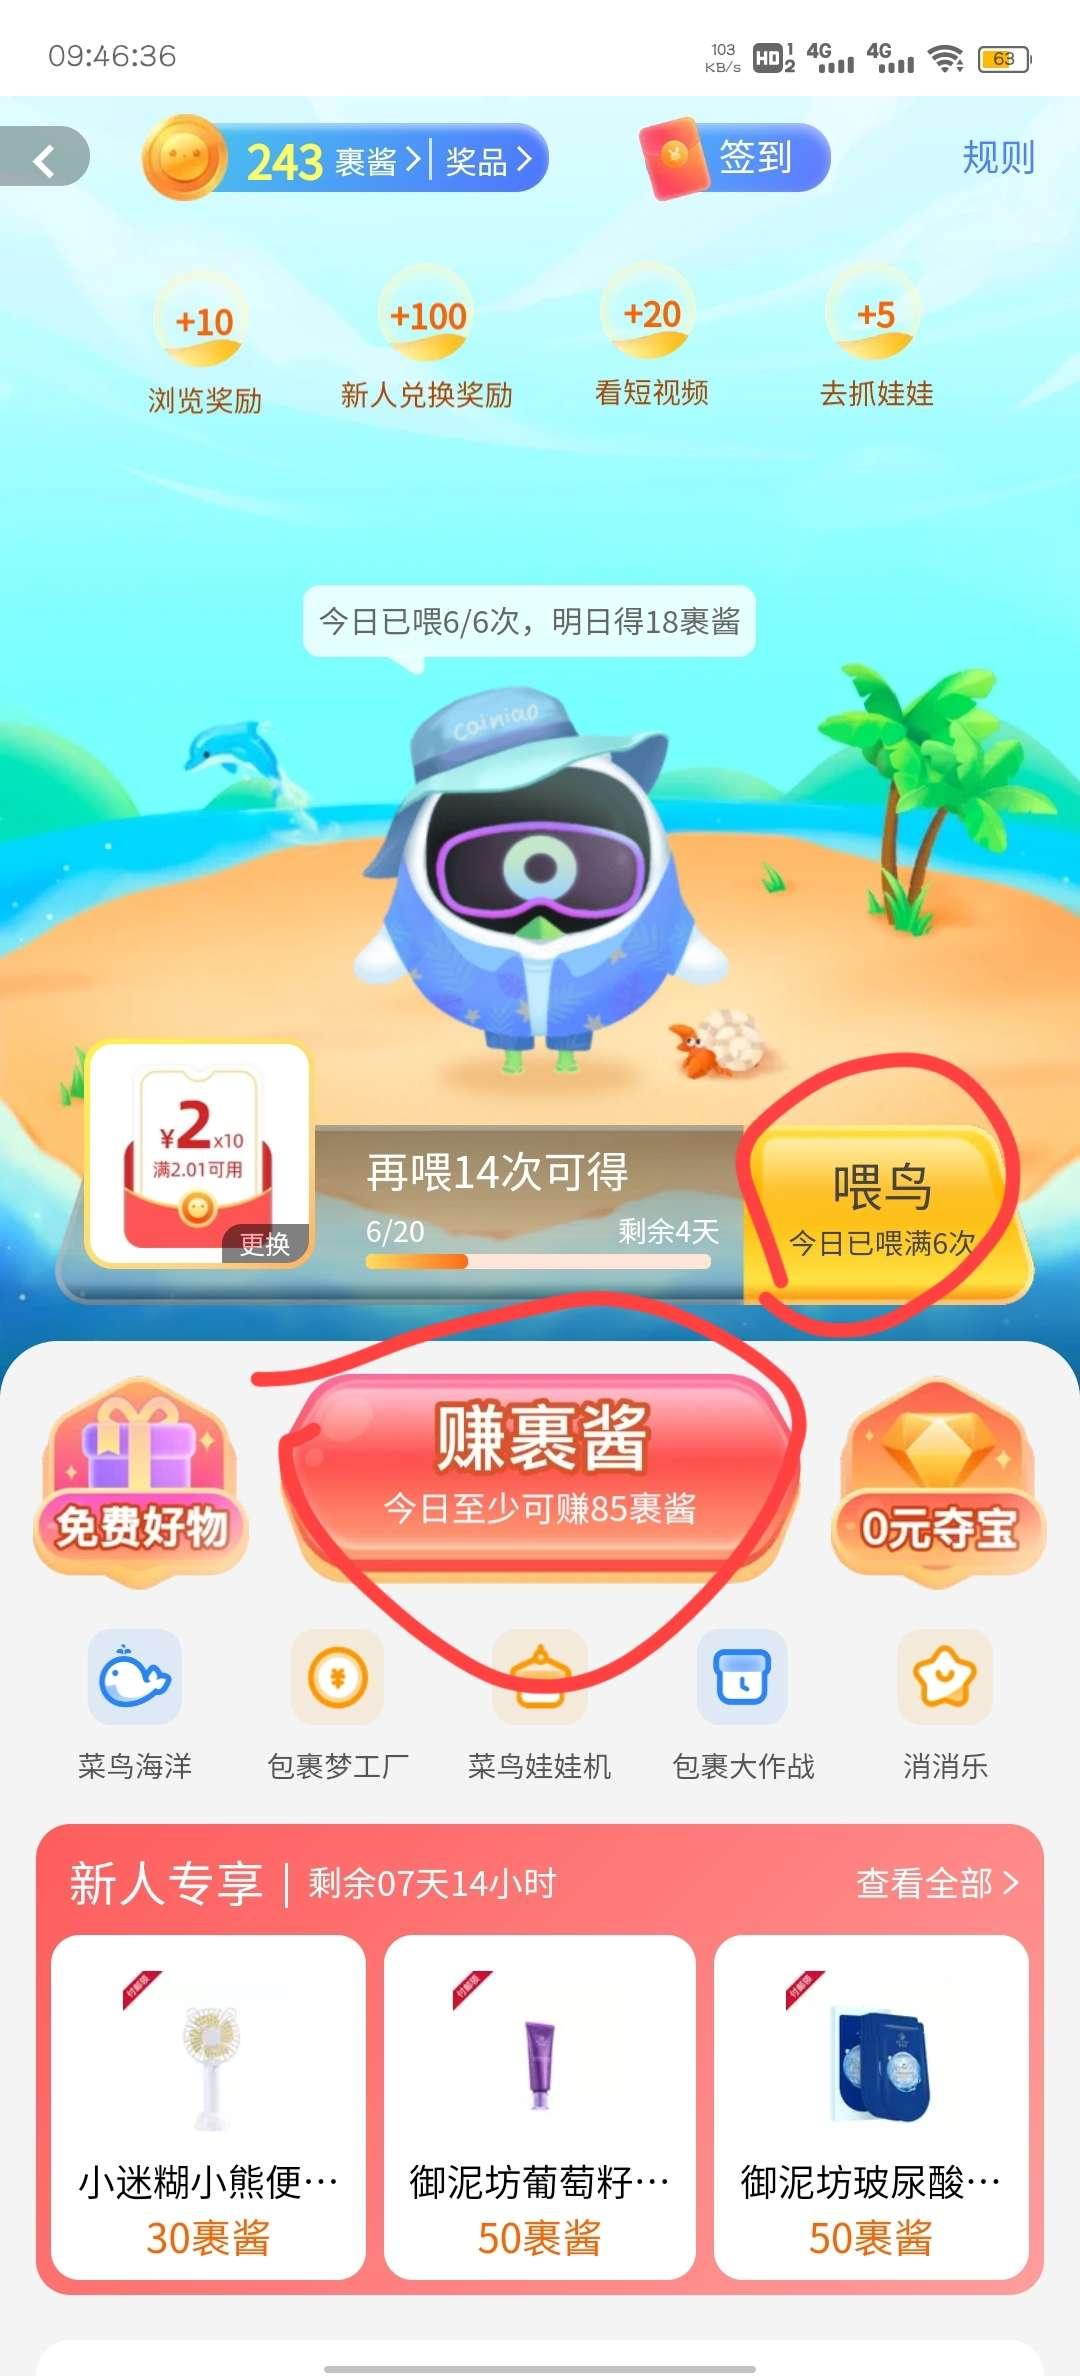 菜鸟包裹2元无门槛红包×10,四天左右每天两分钟,可以充q币插图1